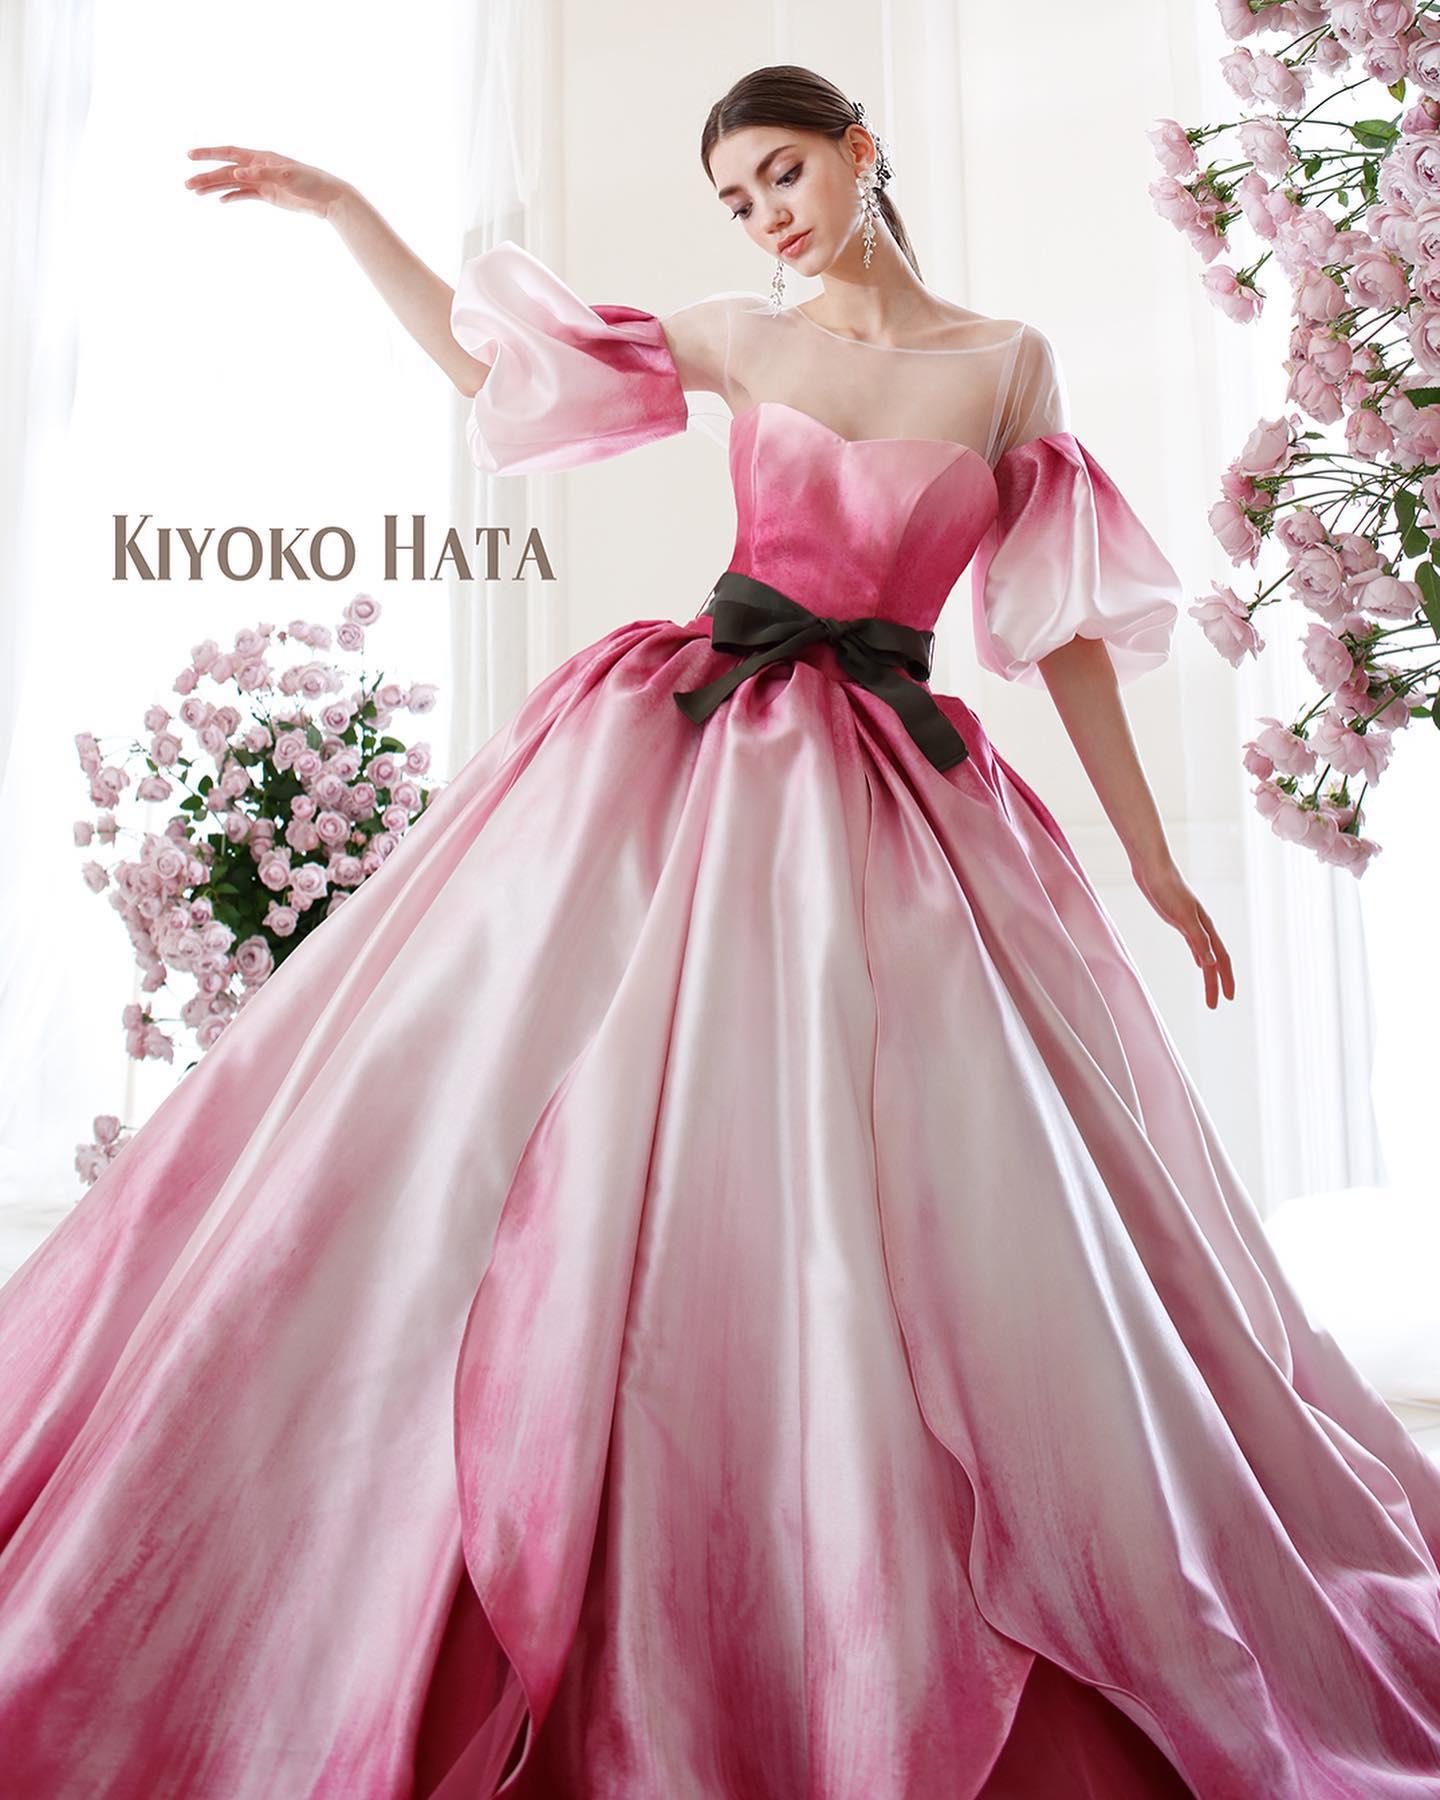 """お待たせ致しました・大人気の""""KIYOKO HATA(キヨコハタ)""""のカラードレスが入荷しました・咲きたてのチューリップの花びらをモチーフにしたスカート・ミルクホワイトからローズピンクへのグラデーションをプリントにて表現しています・まるでチューリップの中でくつろぎながら夢を見る親指姫になったような幻想の世界へといざないます・同素材でボリュームのあるパフスリーブブラウスは着脱可能なのでシーンやお好みに合わせてスタイリングして頂けます・ぜひご試着下さいませ🥰・カラードレス 【KIYOKO HATA】CD0372KH-0512・#wedding #weddingdress #bridalhiro #kiyokohata #isamumorita#ウェディングドレス #プレ花嫁 #ドレス試着 #2021冬婚 #ヘアメイク #結婚式  #ドレス選び #前撮り #後撮り #フォトウェディング #ウェディングヘア  #フォト婚 #前撮り写真 #ブライダルフォト #カップルフォト #ウェディングドレス探し #ウェディングドレス試着 #レンタルドレス #ドレスショップ #家族婚 #ブライダルヒロ #ゼクシィ #プリンセスライン #ドレス迷子 #キヨコハタ"""